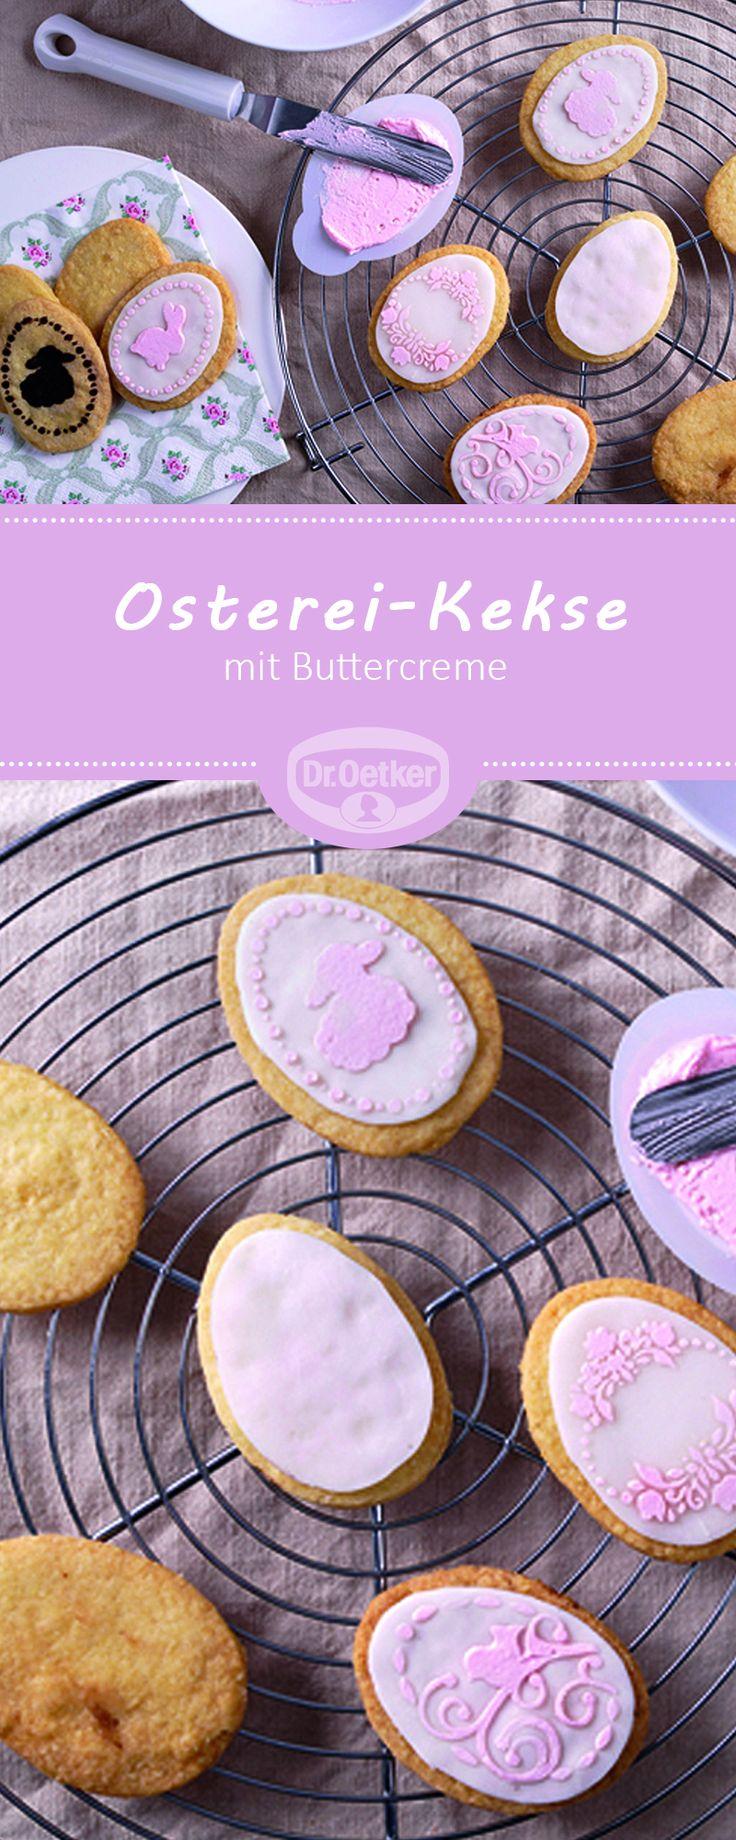 rezept kekse zum ausstechen ostern hausrezepte von. Black Bedroom Furniture Sets. Home Design Ideas